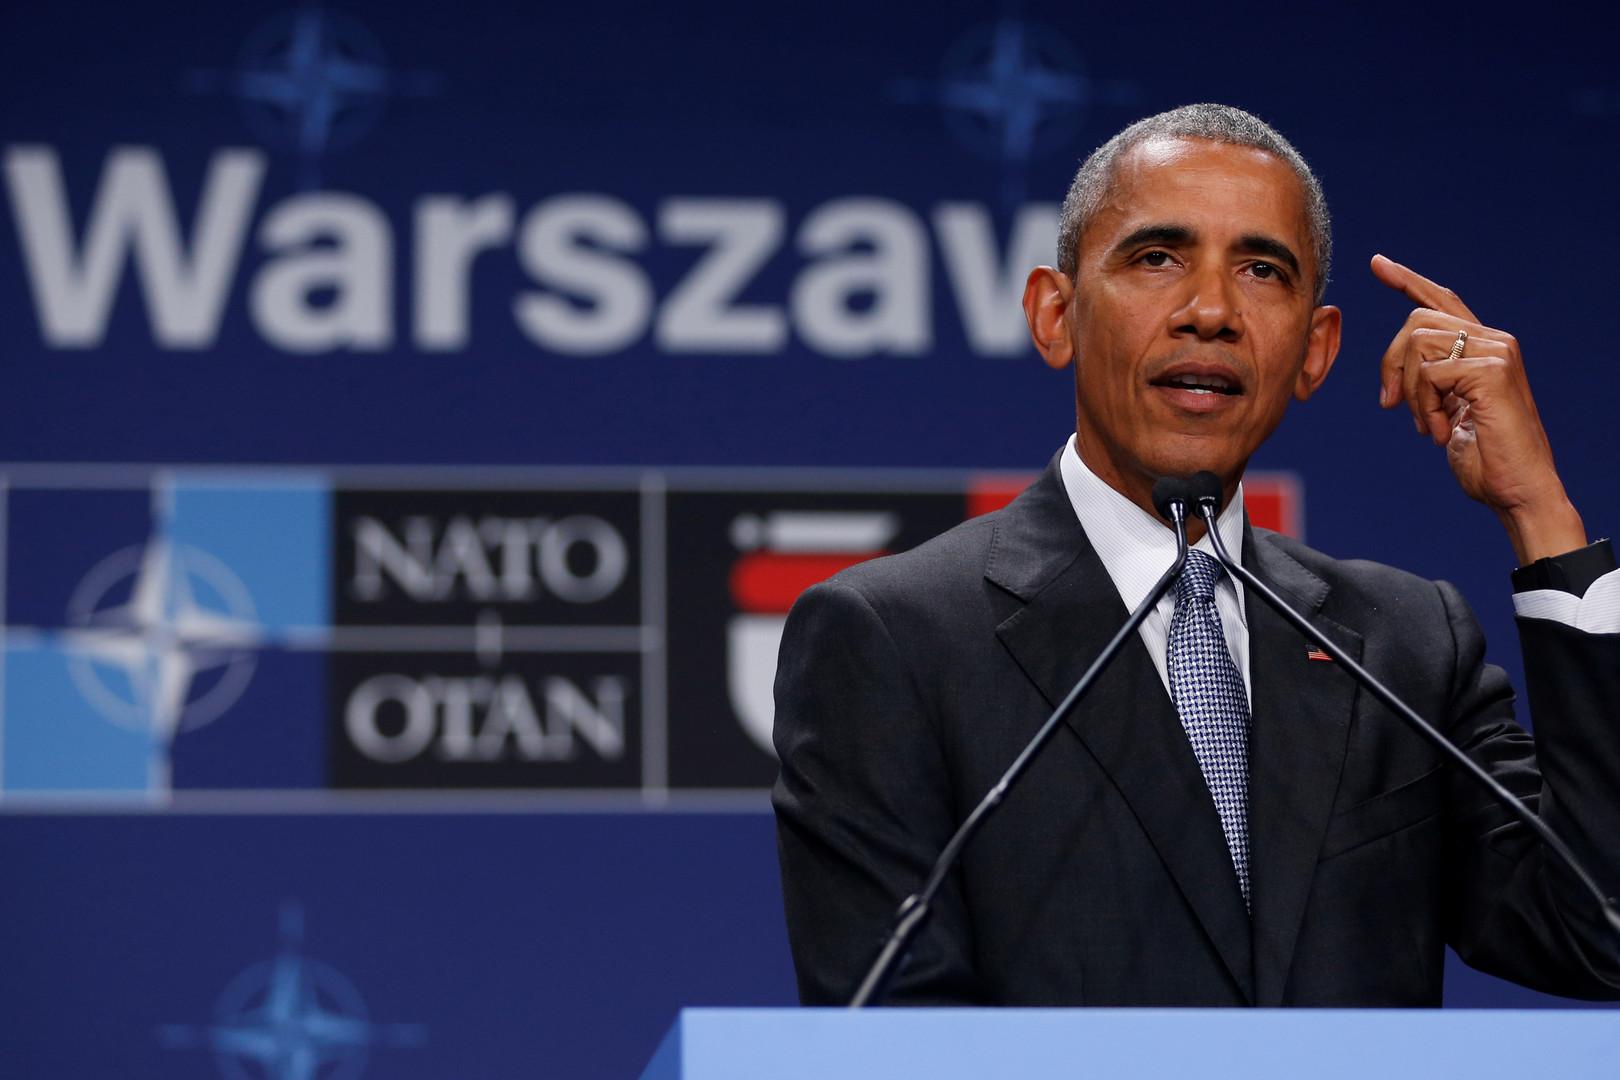 Барак Обама: США не могут решить мировые проблемы в одиночку